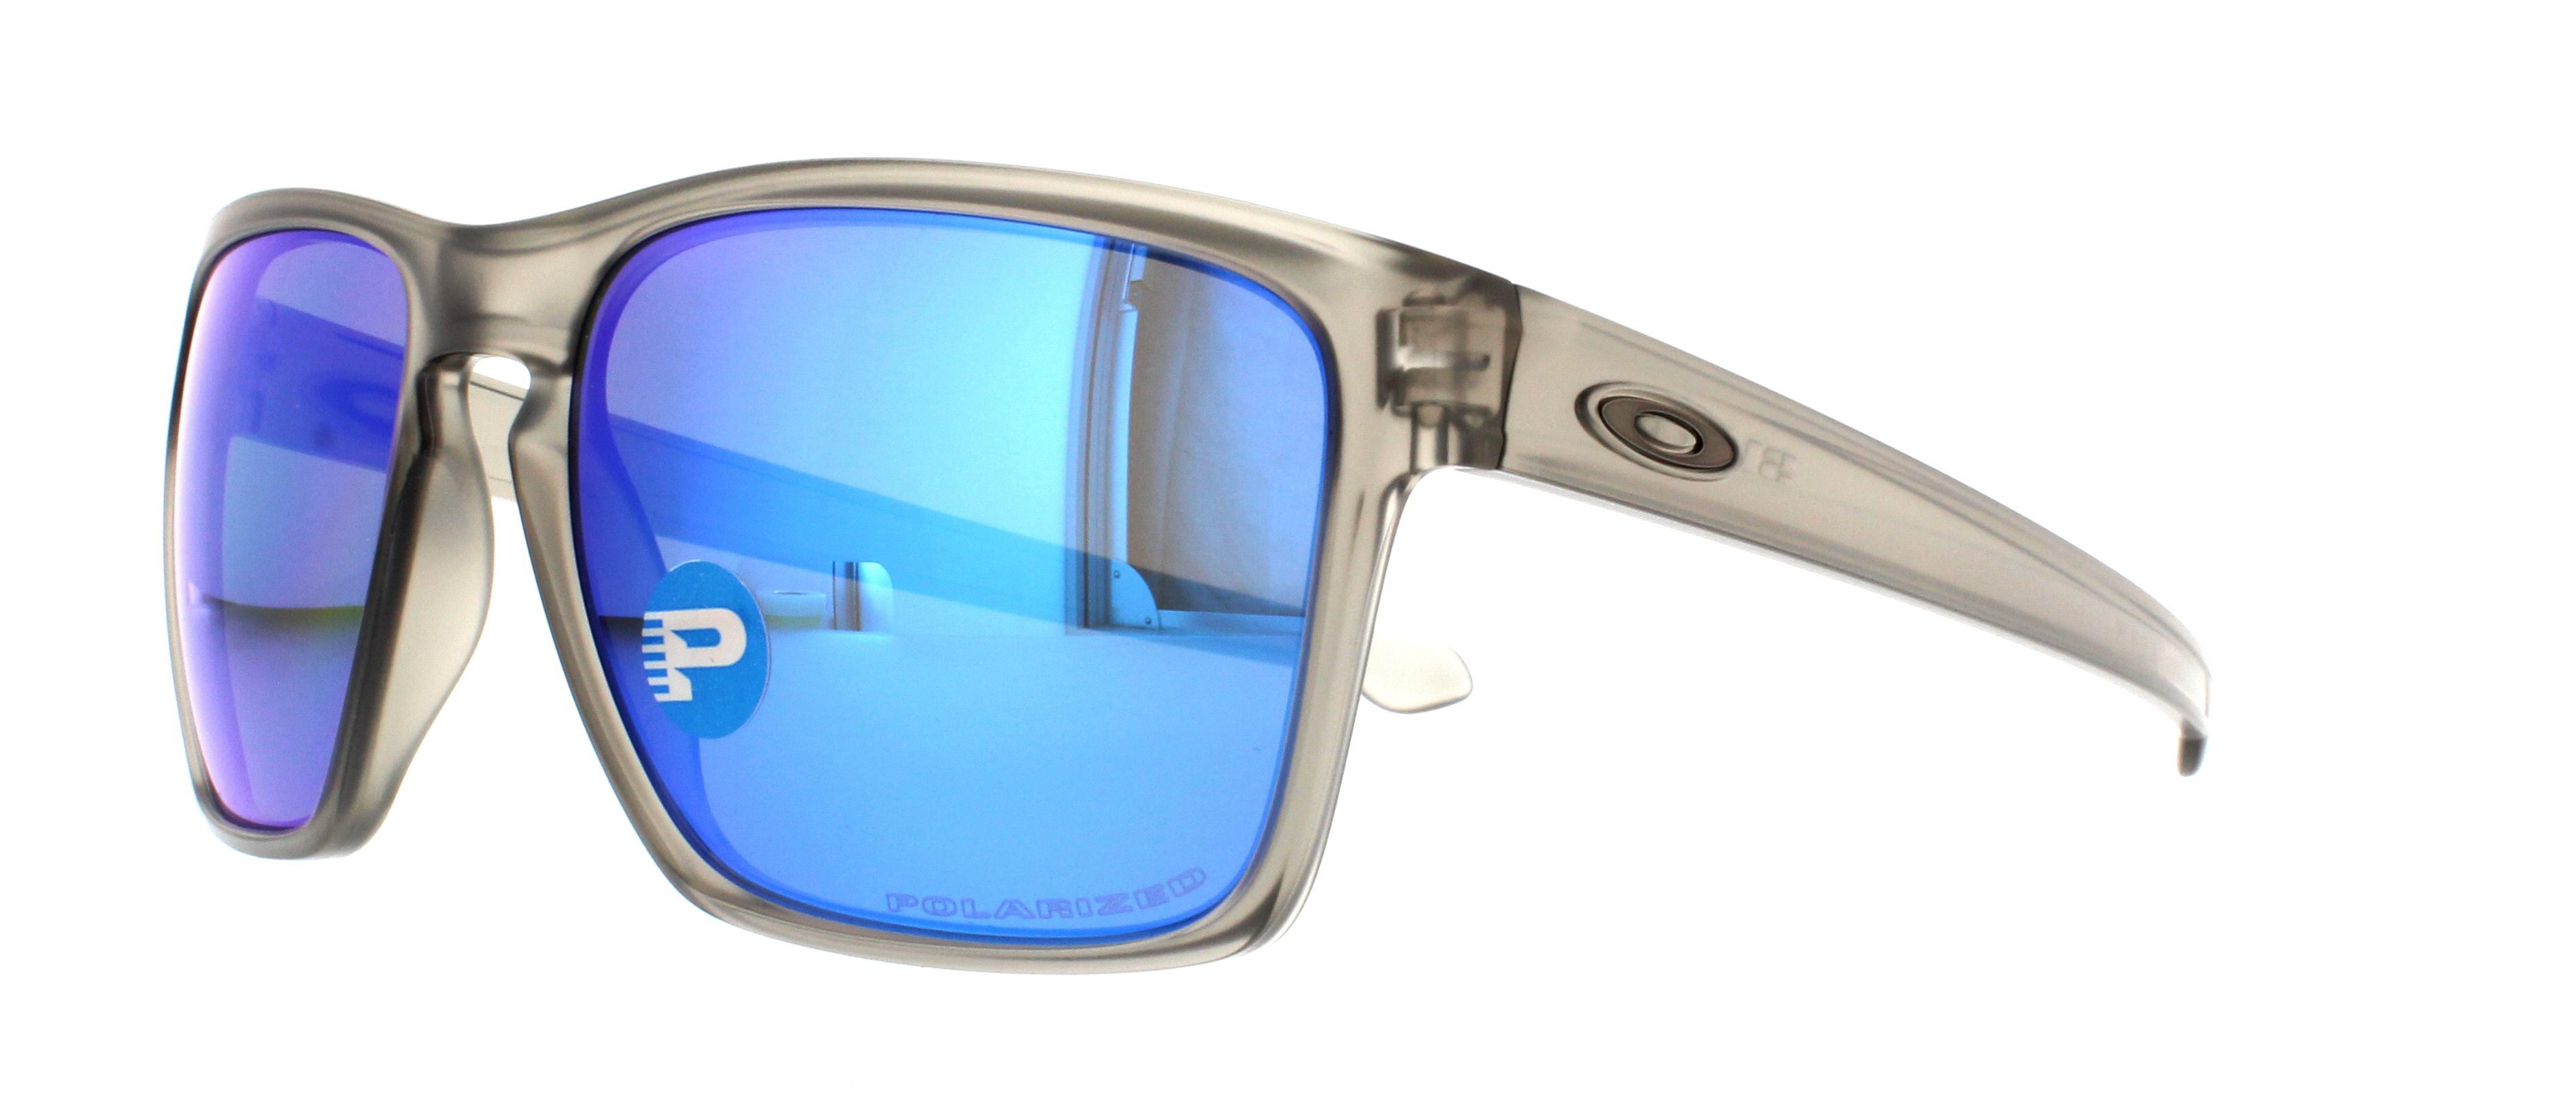 acaa4d134d4 Designer Frames Outlet. Oakley SLIVER XL